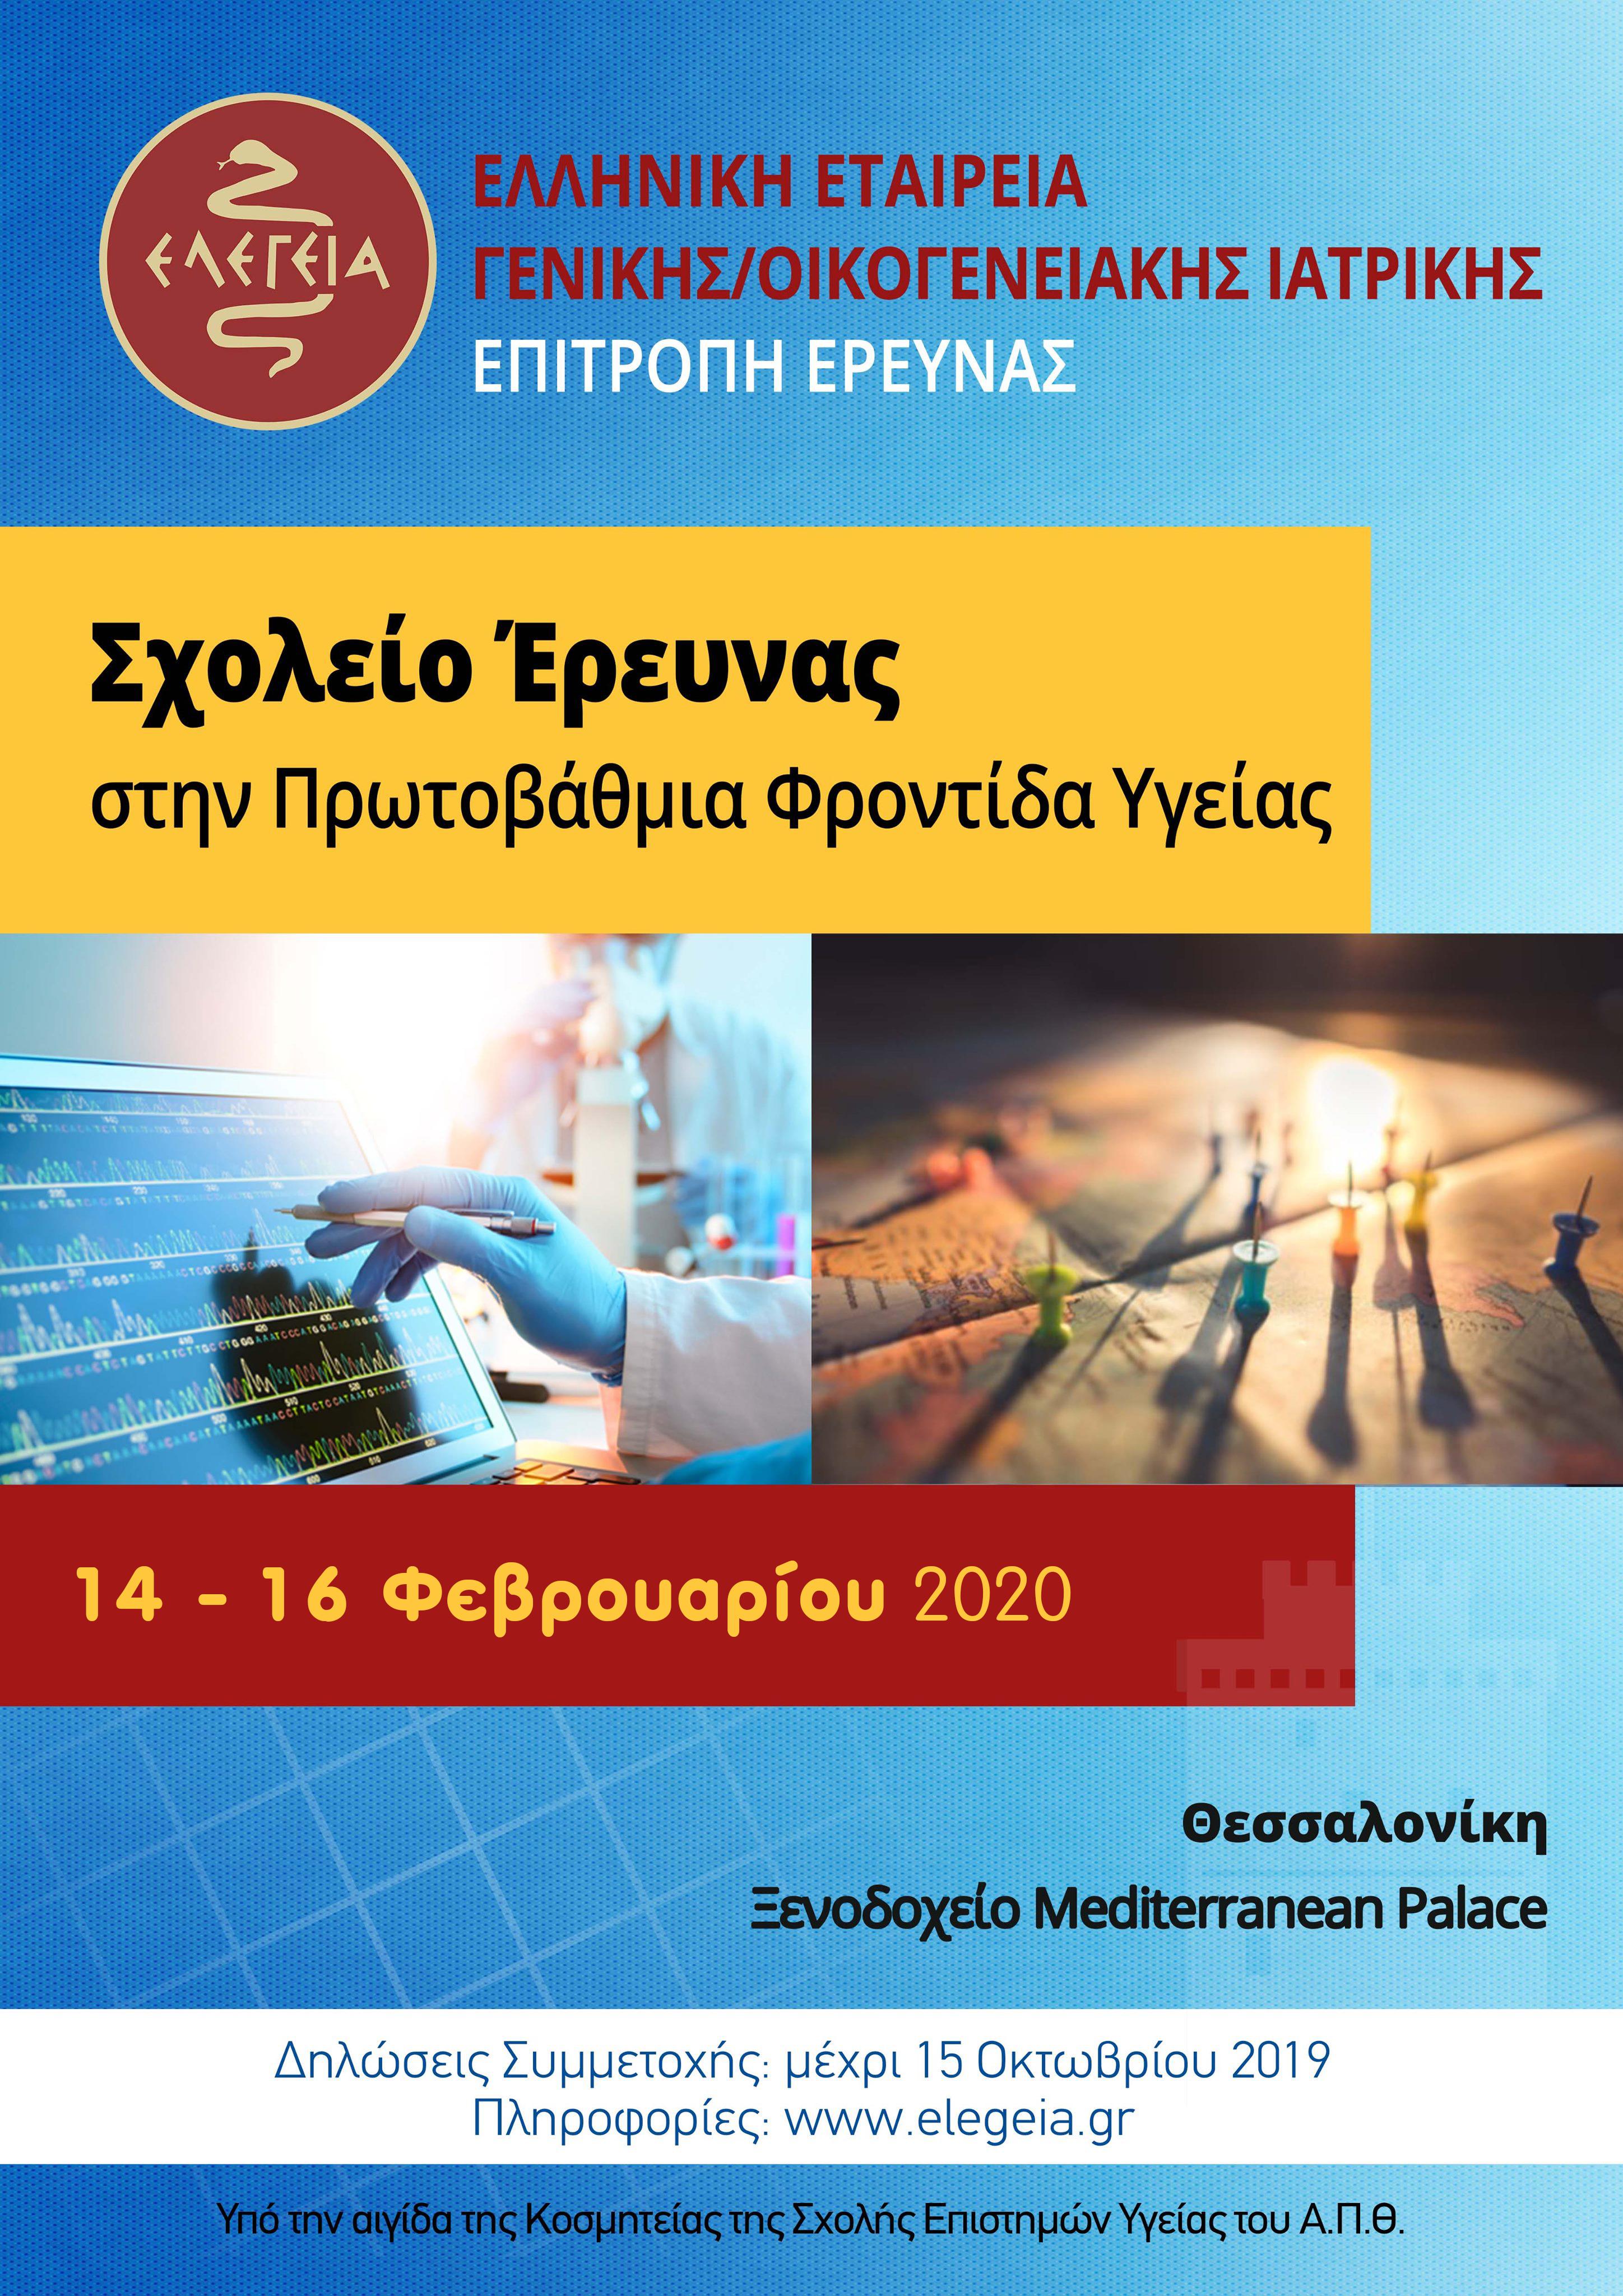 ΑΦΙΣΑ ΣΧΟΛΕΙΟΥ ΕΡΕΥΝΑΣ 2019